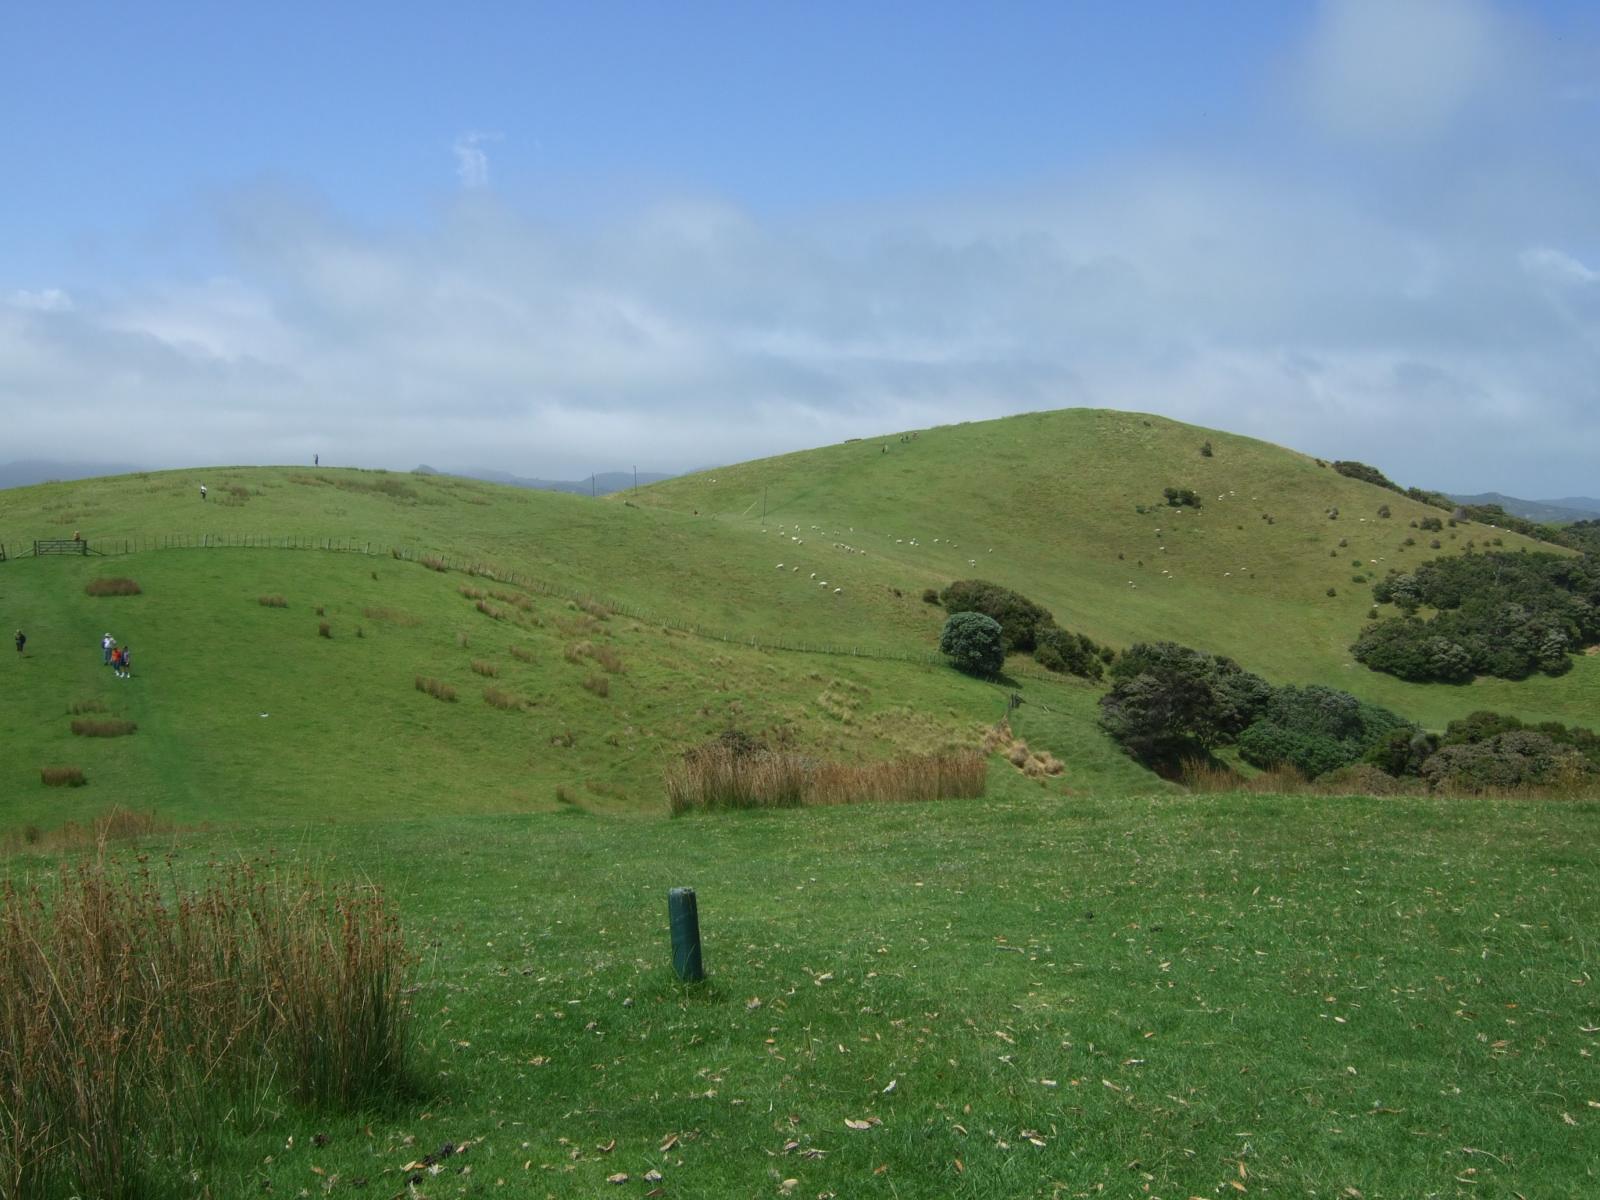 ウルプカプカ島,山,草原,NZ〈著作権フリー無料画像〉Free Stock Photos